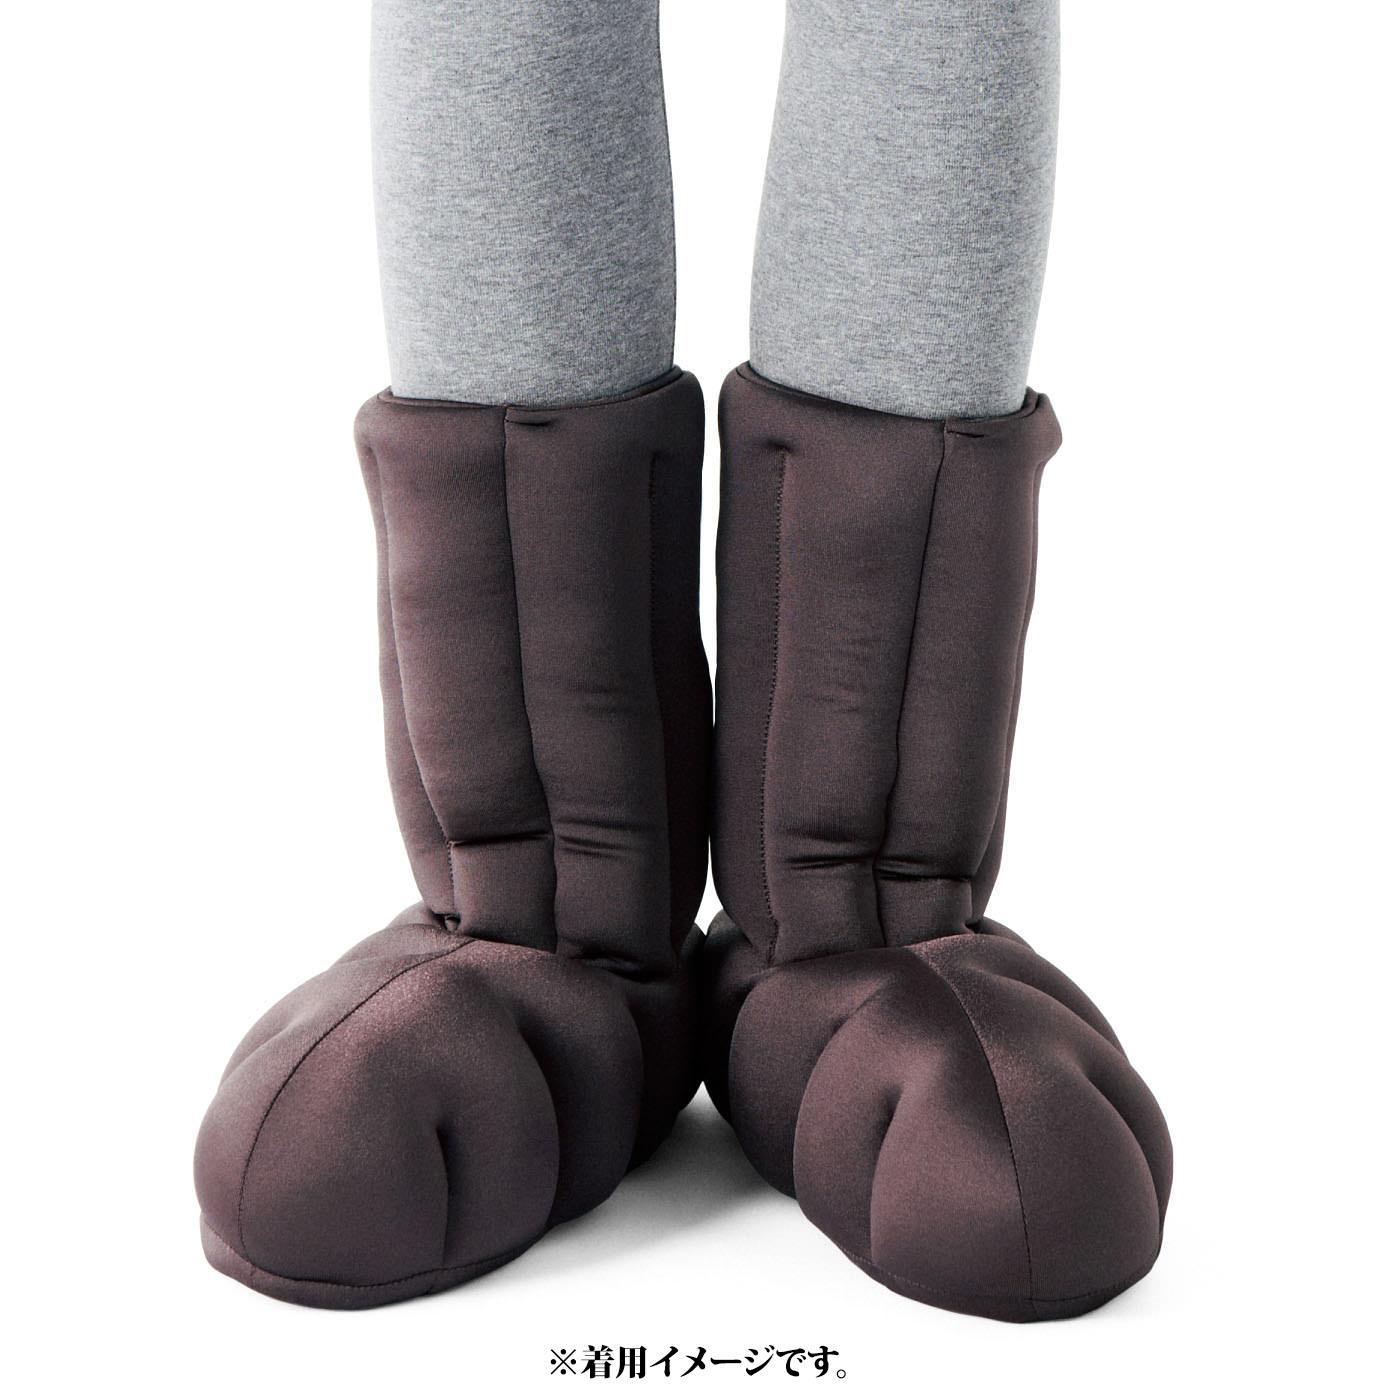 「履く断熱材! キープ温ルームシューズ」と一緒に使えば足冷え対策万全!